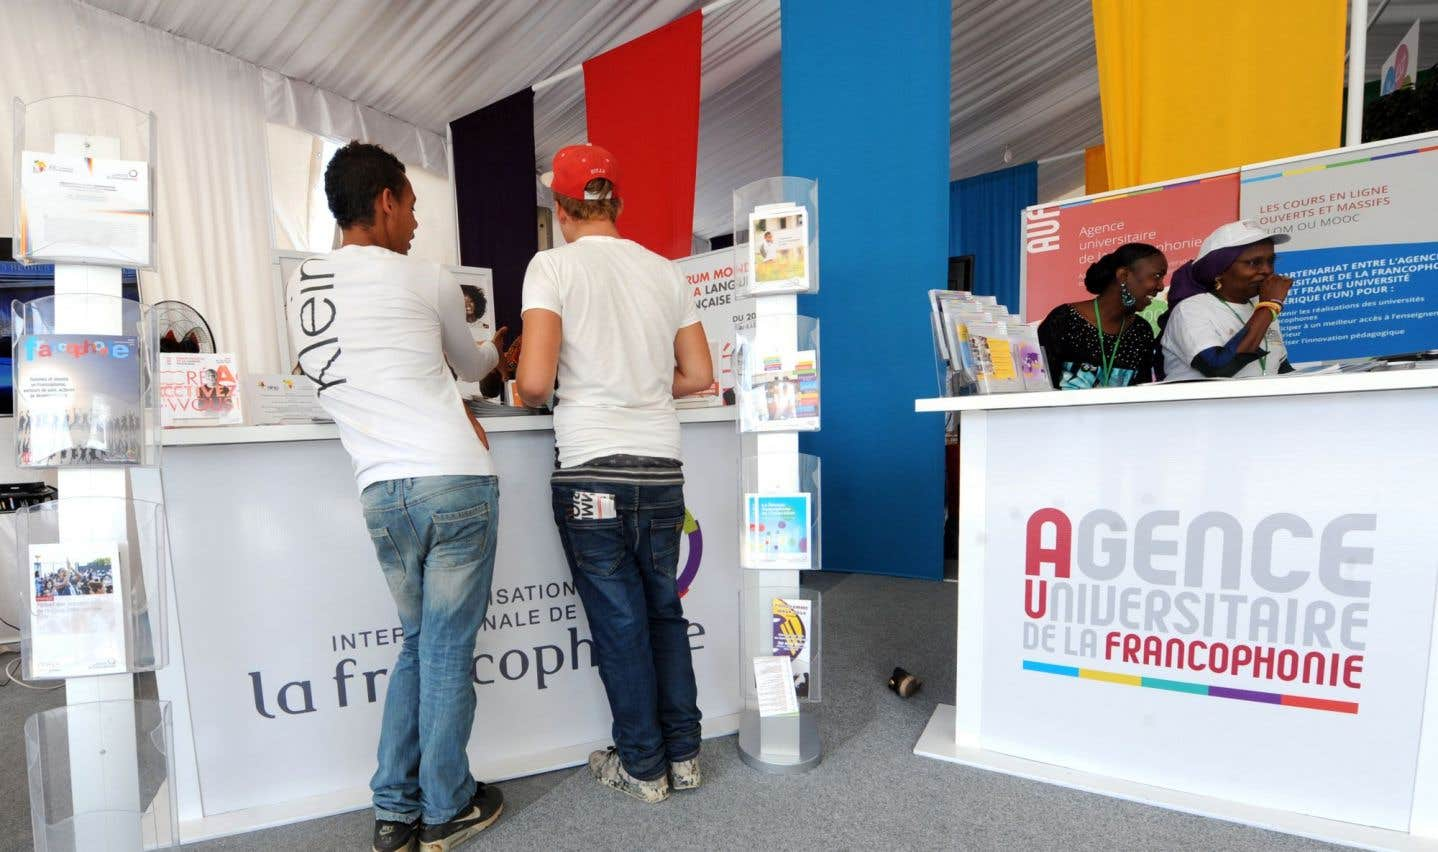 «Le contexte dans lequel œuvre l'AUF [est] celui des stratégies définies par les sommets de la Francophonie, dont le dernier à Dakar a beaucoup mis l'accent sur la Francophonie économique», explique Jean-Paul de Gaudemar.